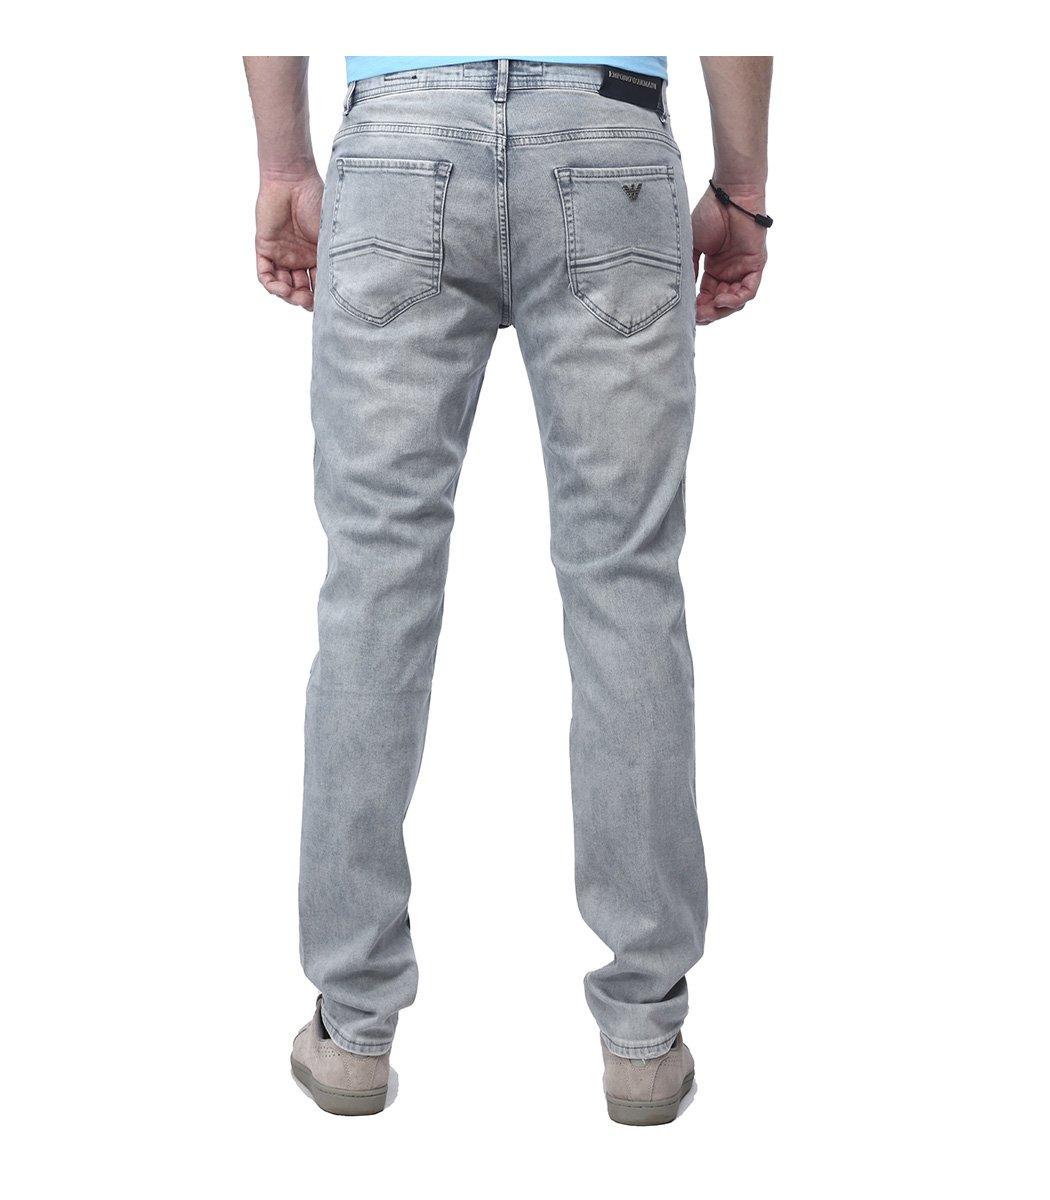 Серые джинсы Emporio Armani гранж 3145